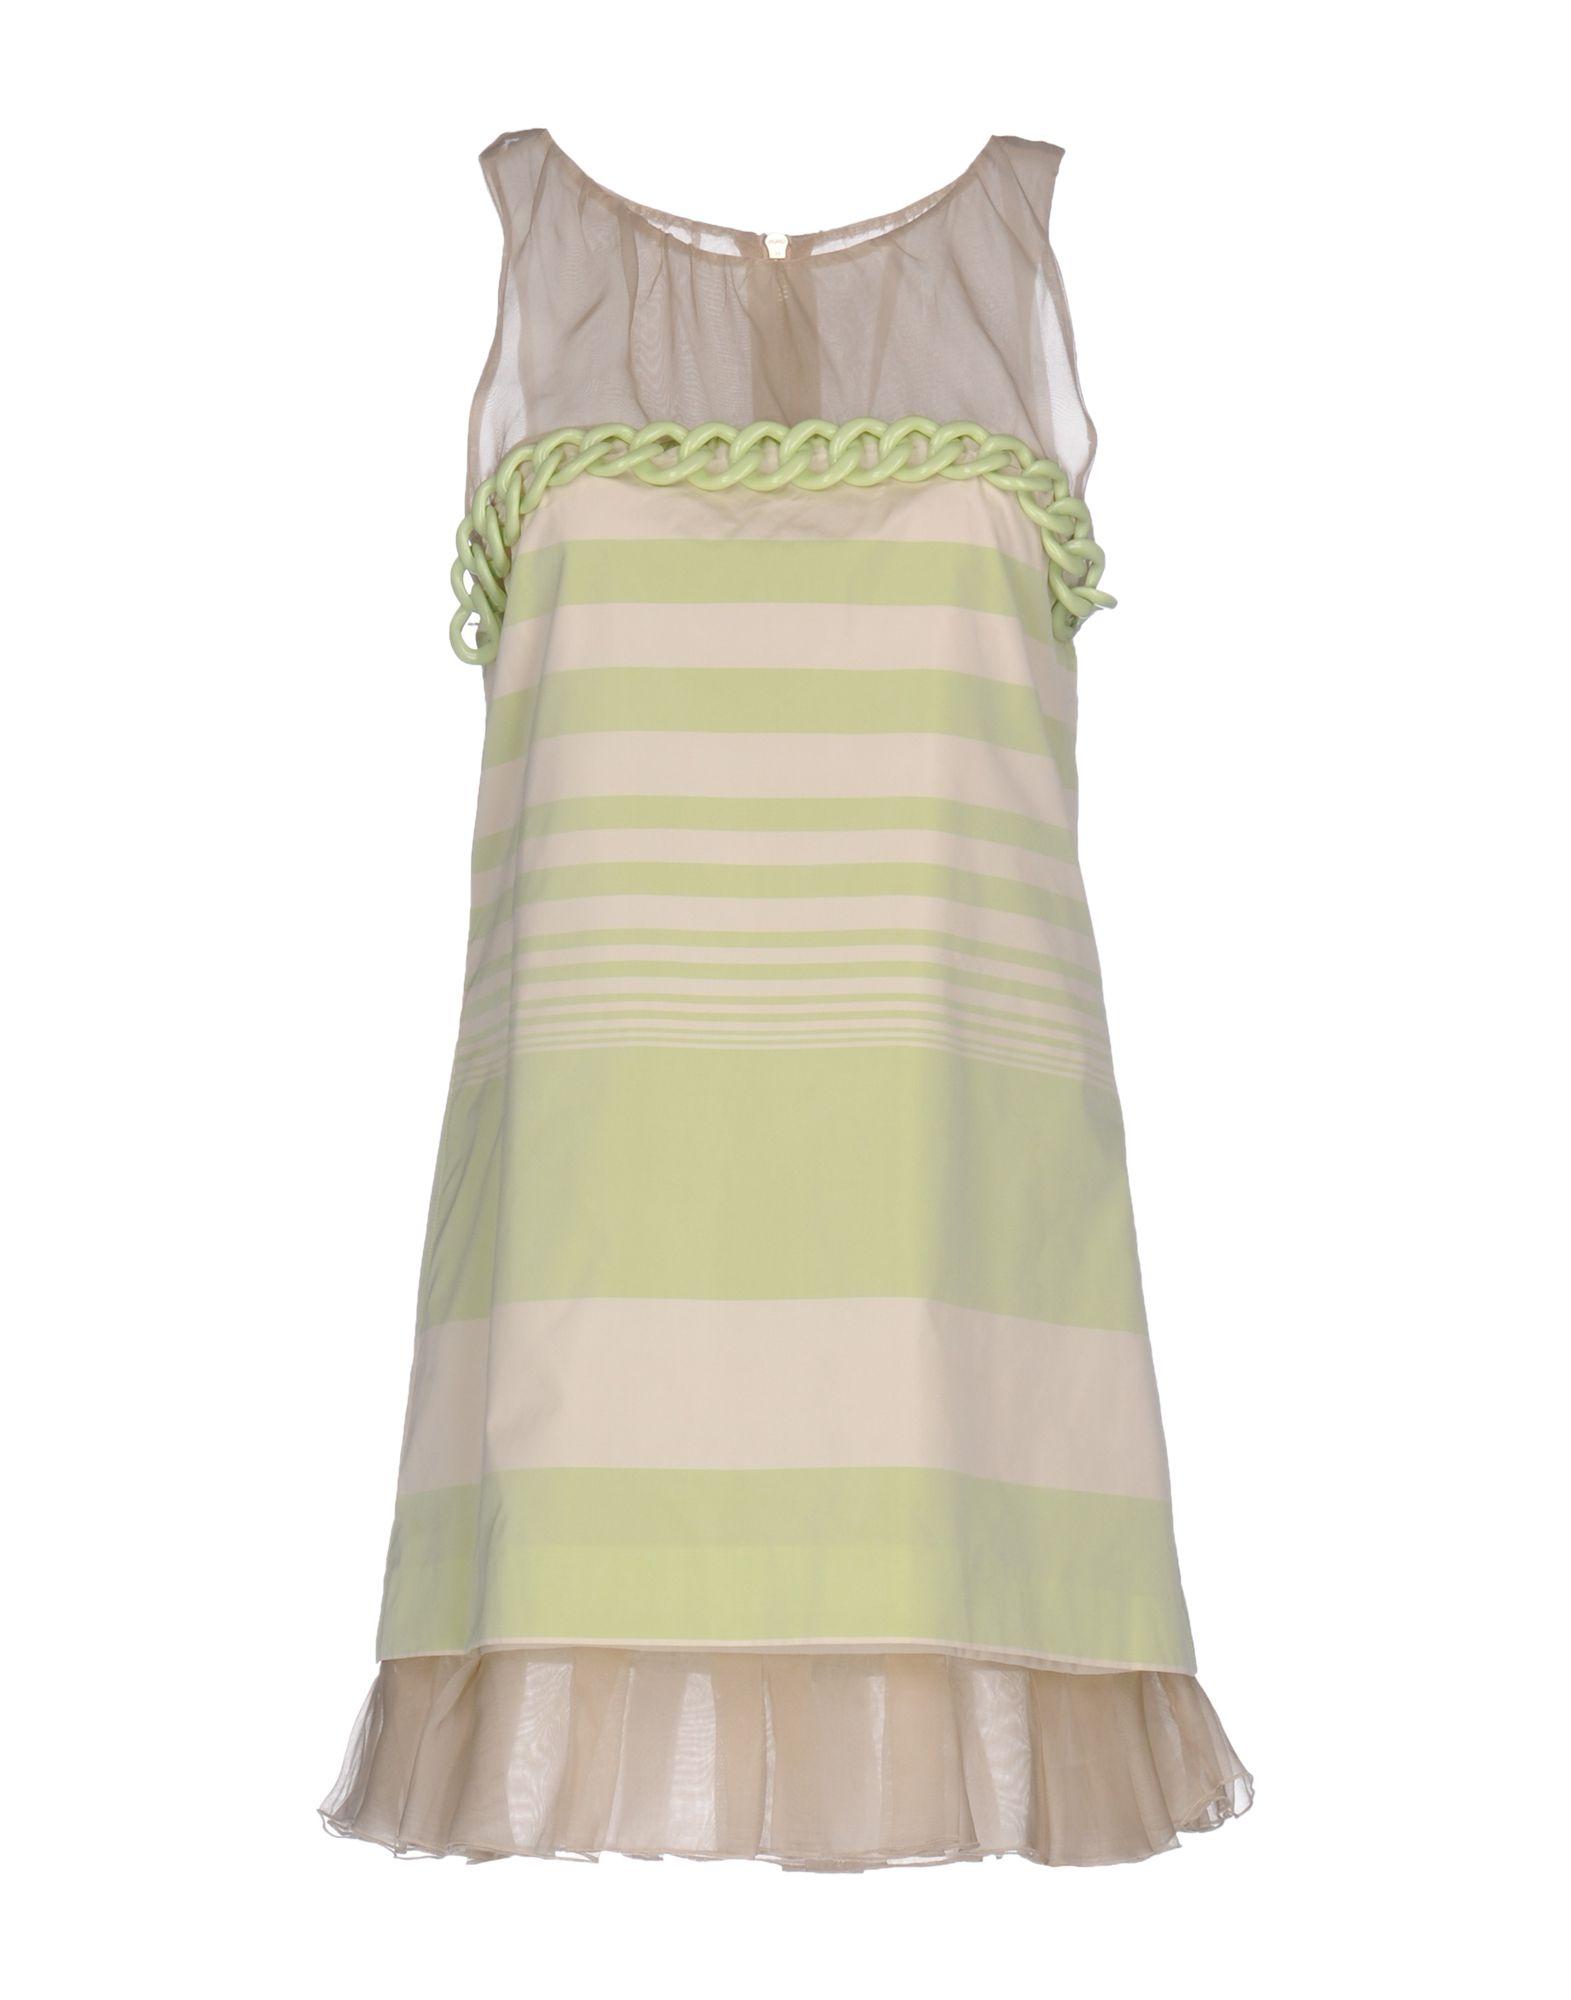 MANGANO Короткое платье lovaru ™новый 2015 мода новые печатные органза сладкий простой талии платье женщина casual платье